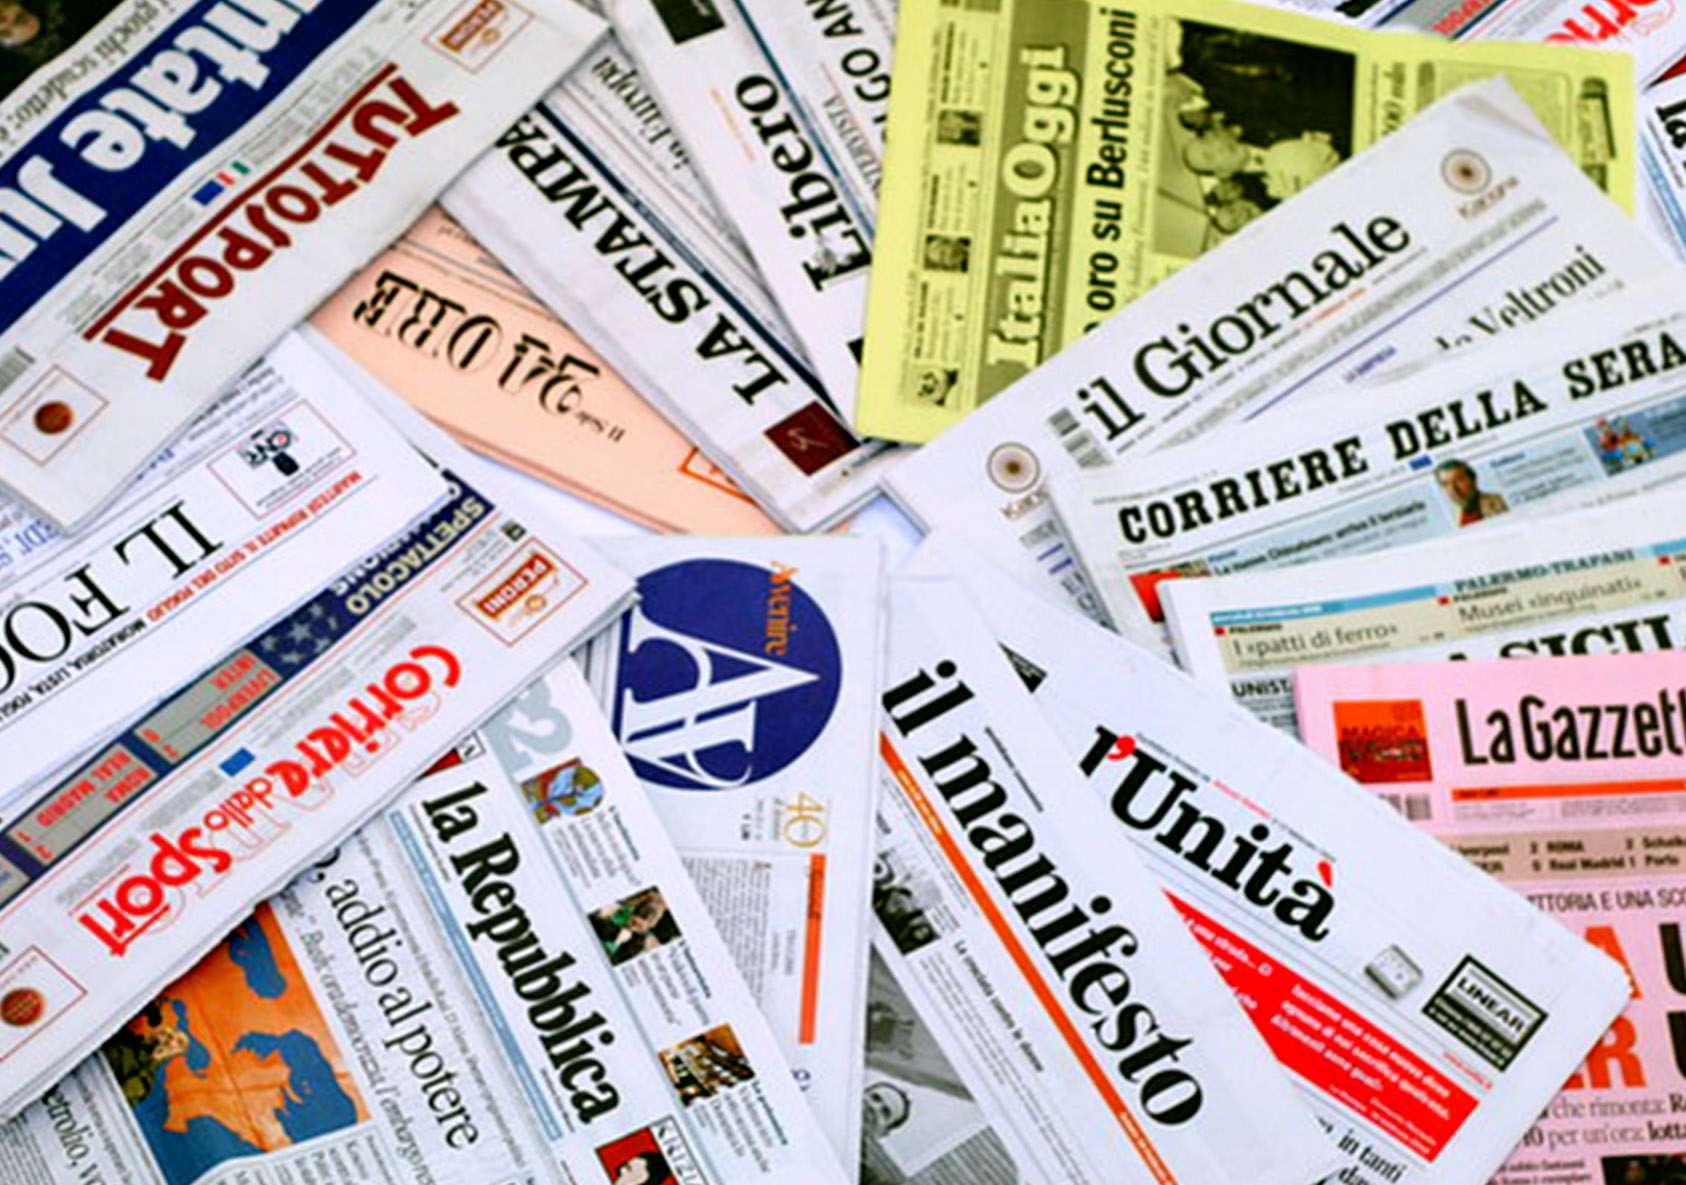 Coronavirus: la pandemia accentua la crisi dei quotidiani, flettono pubblicità e copie